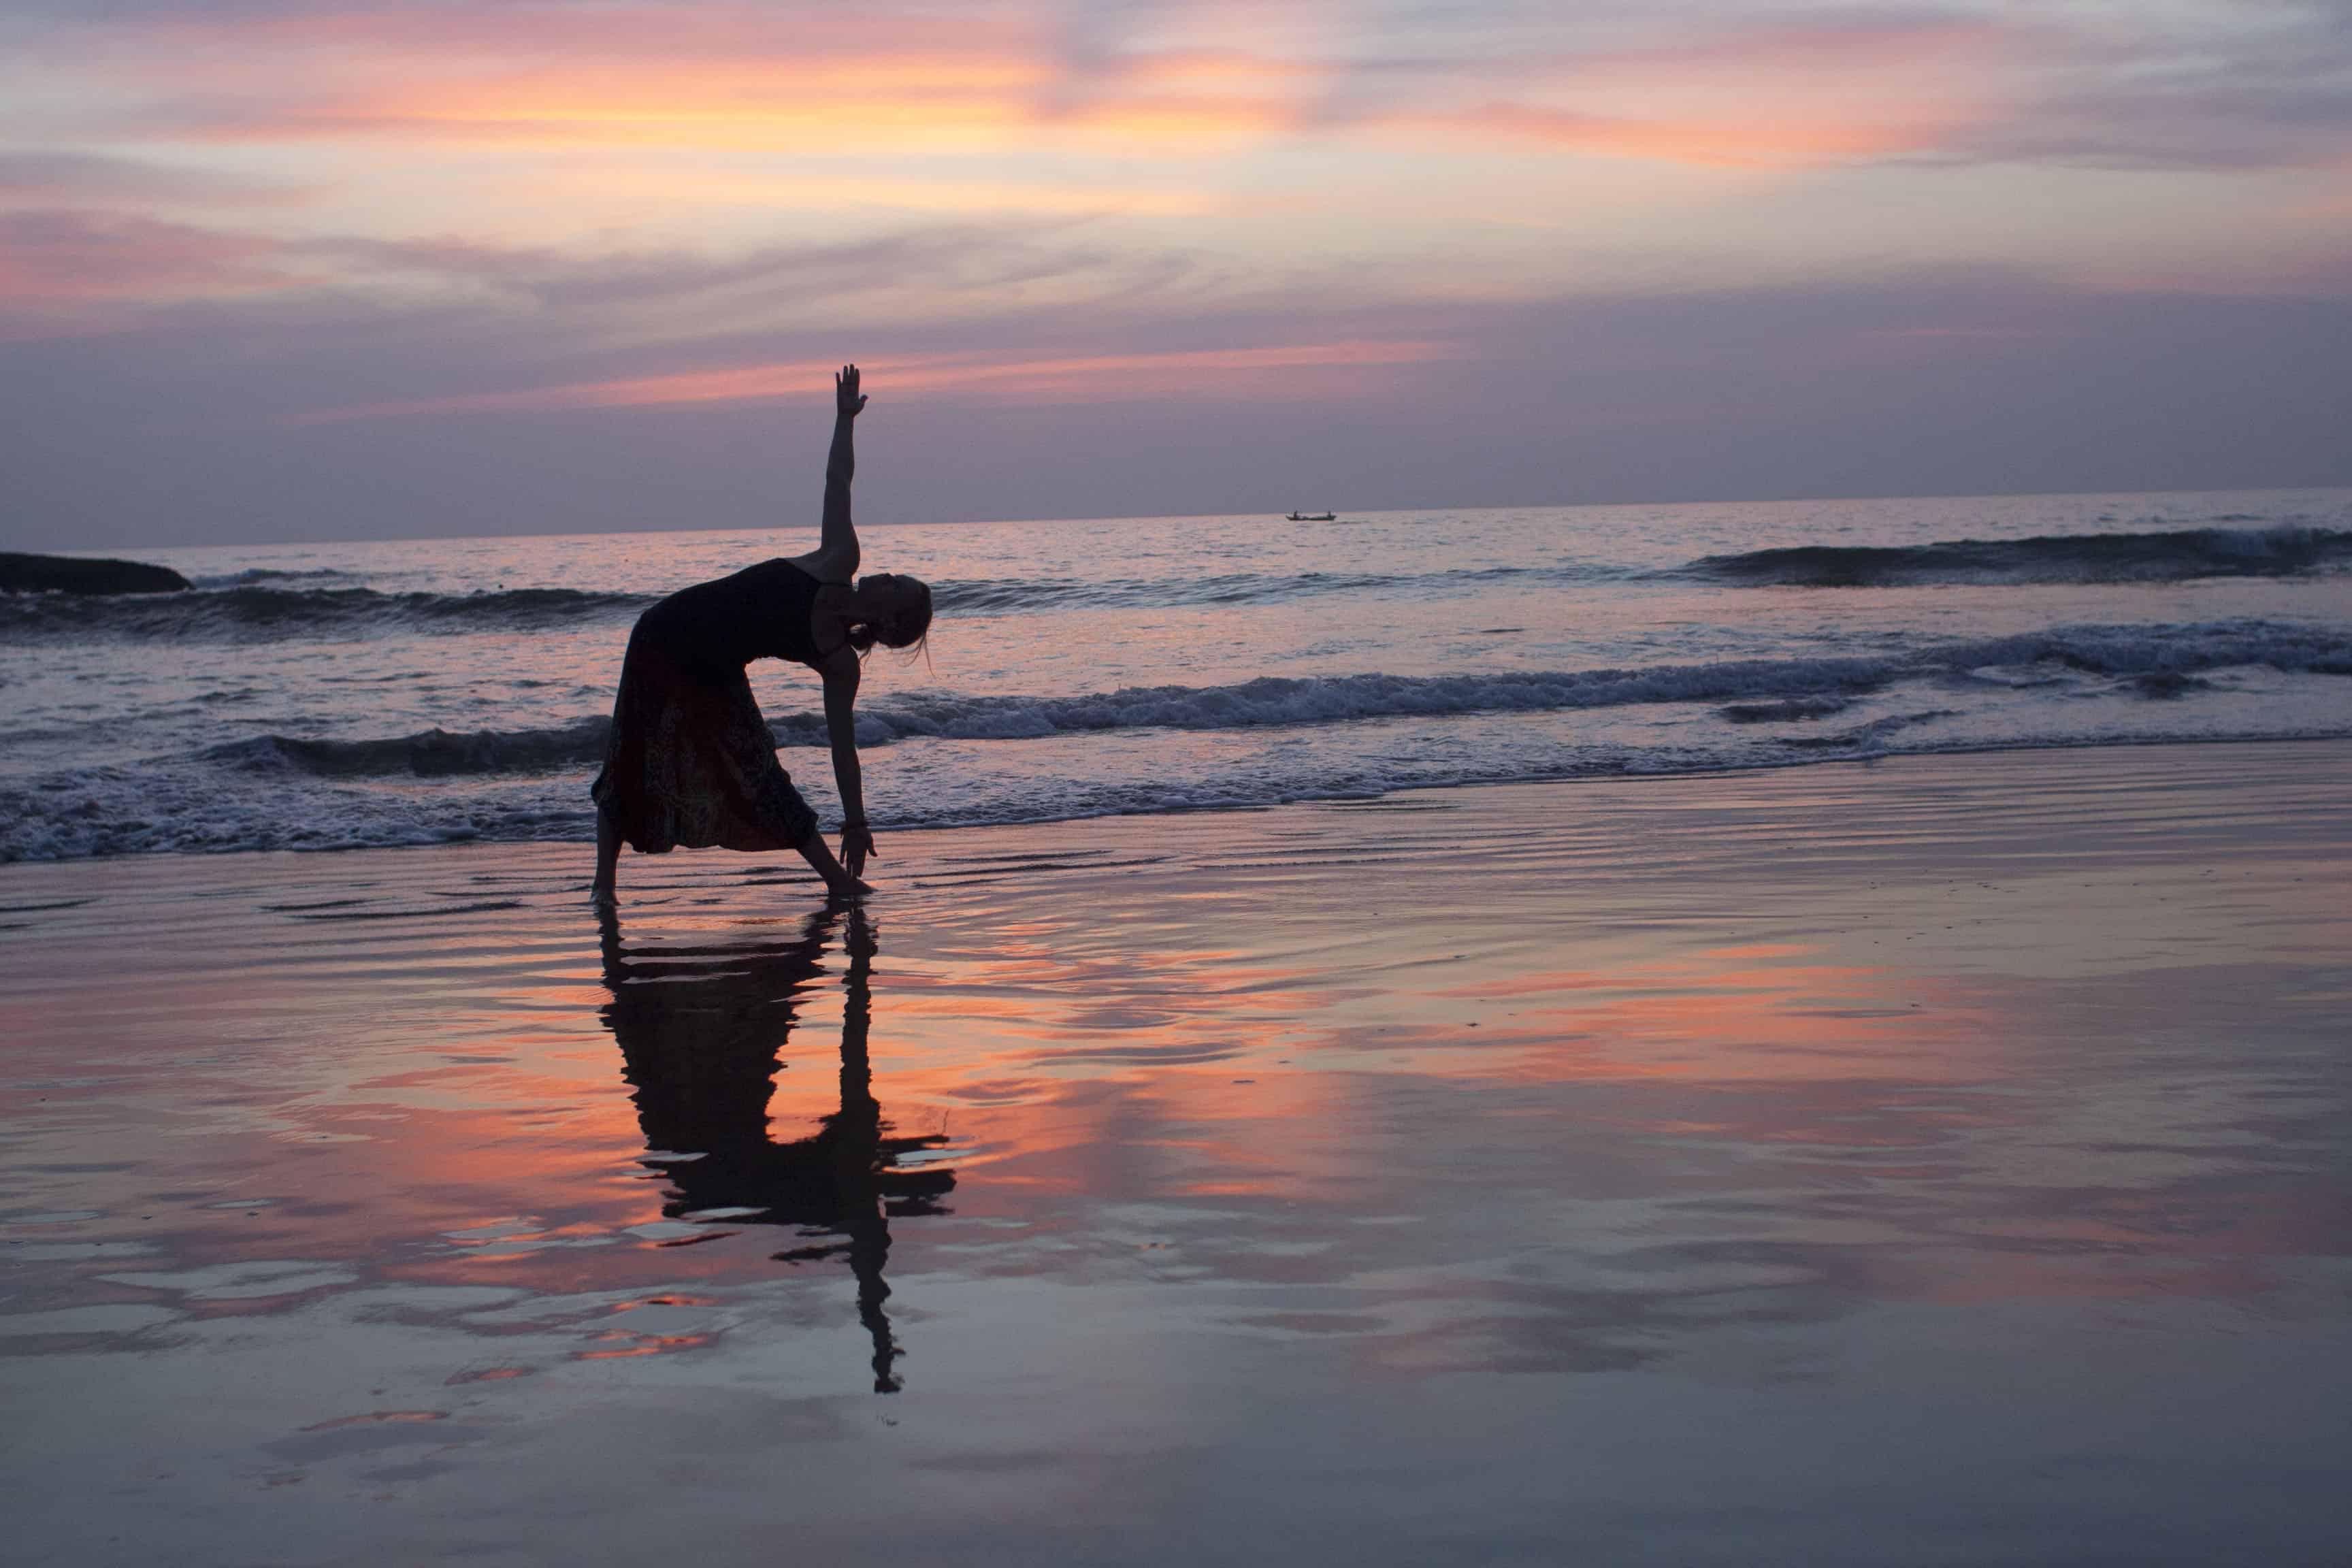 travel yoga - flexibility while traveling